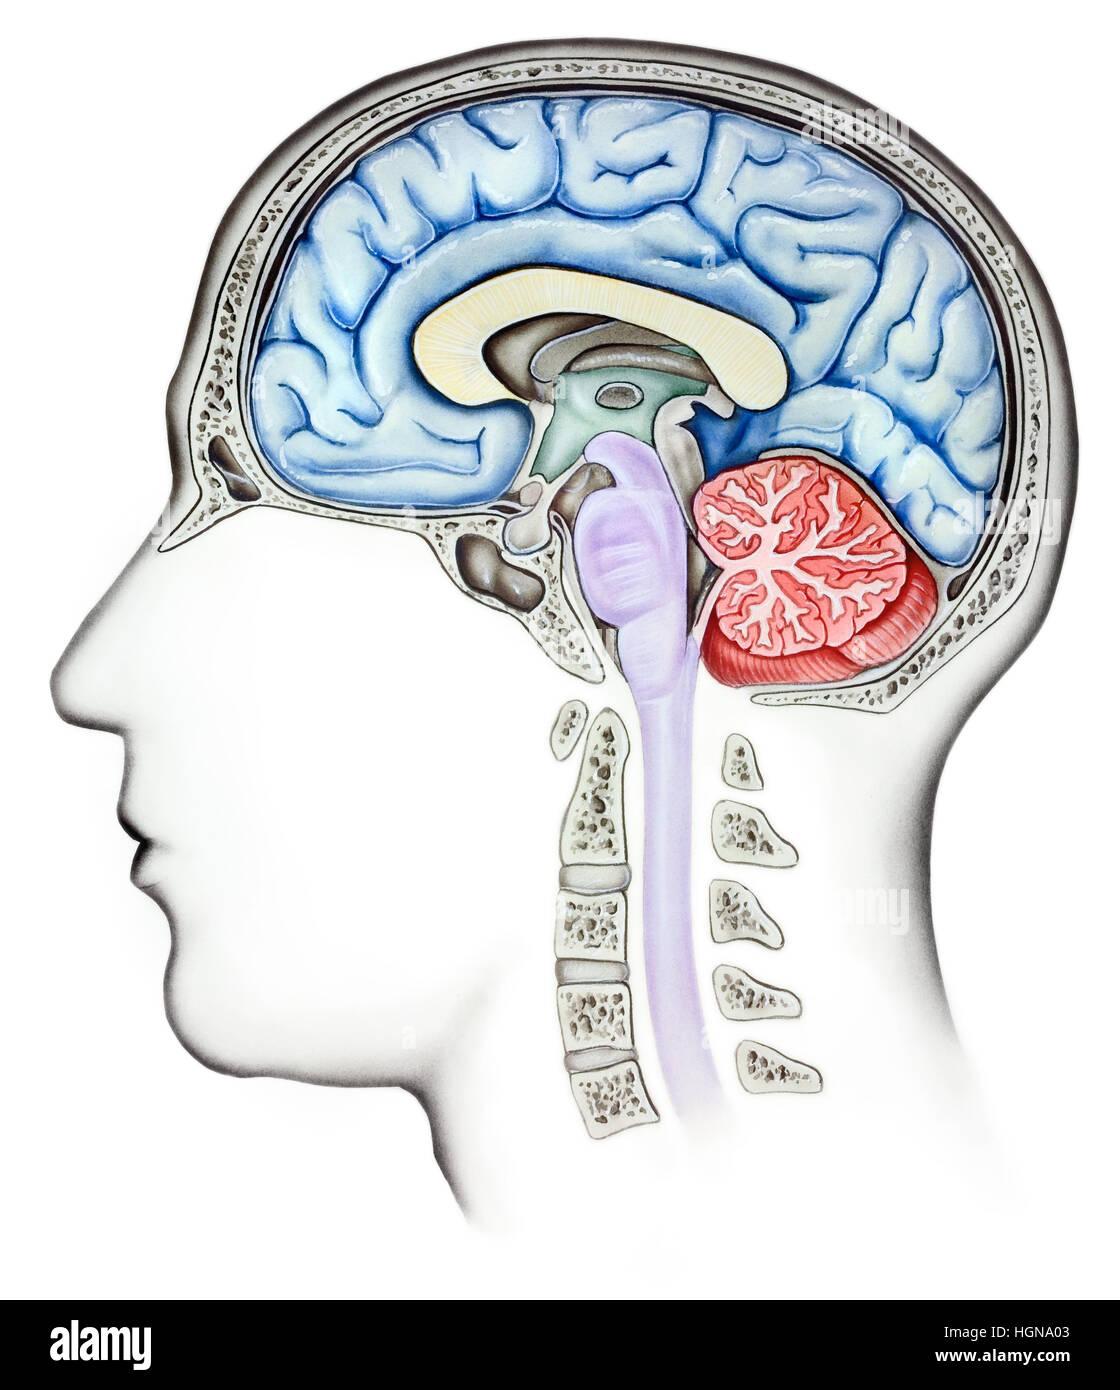 Anatomía de un cerebro humano, vista lateral del chaqué. Mostrados ...